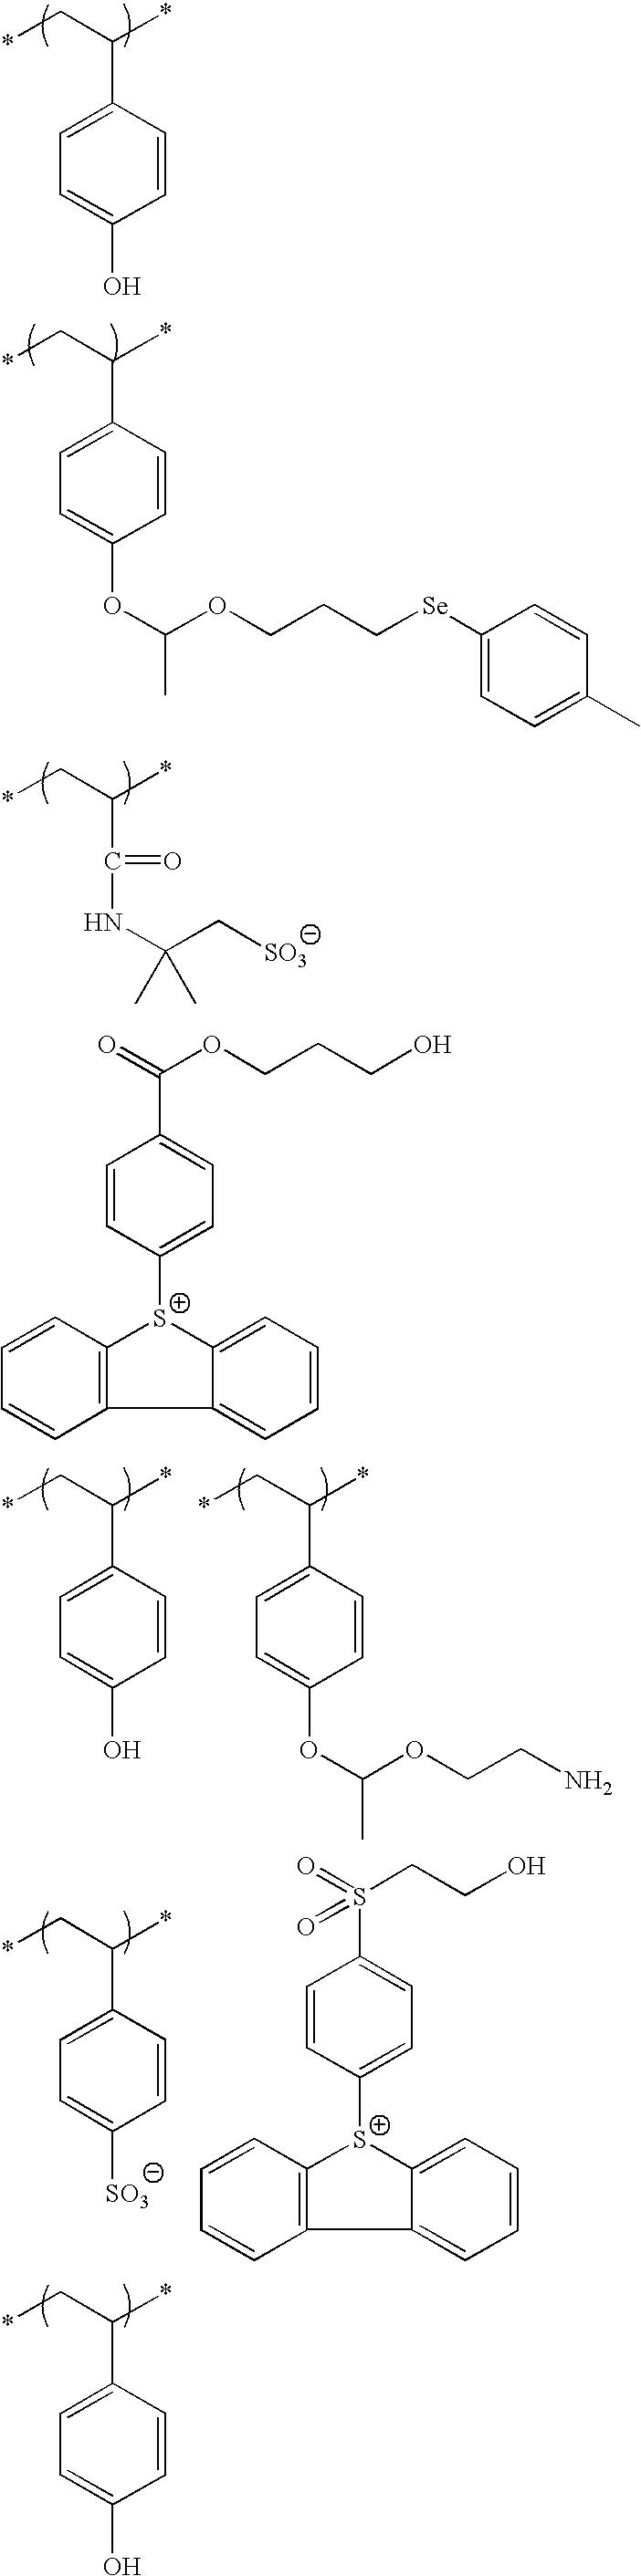 Figure US08852845-20141007-C00176